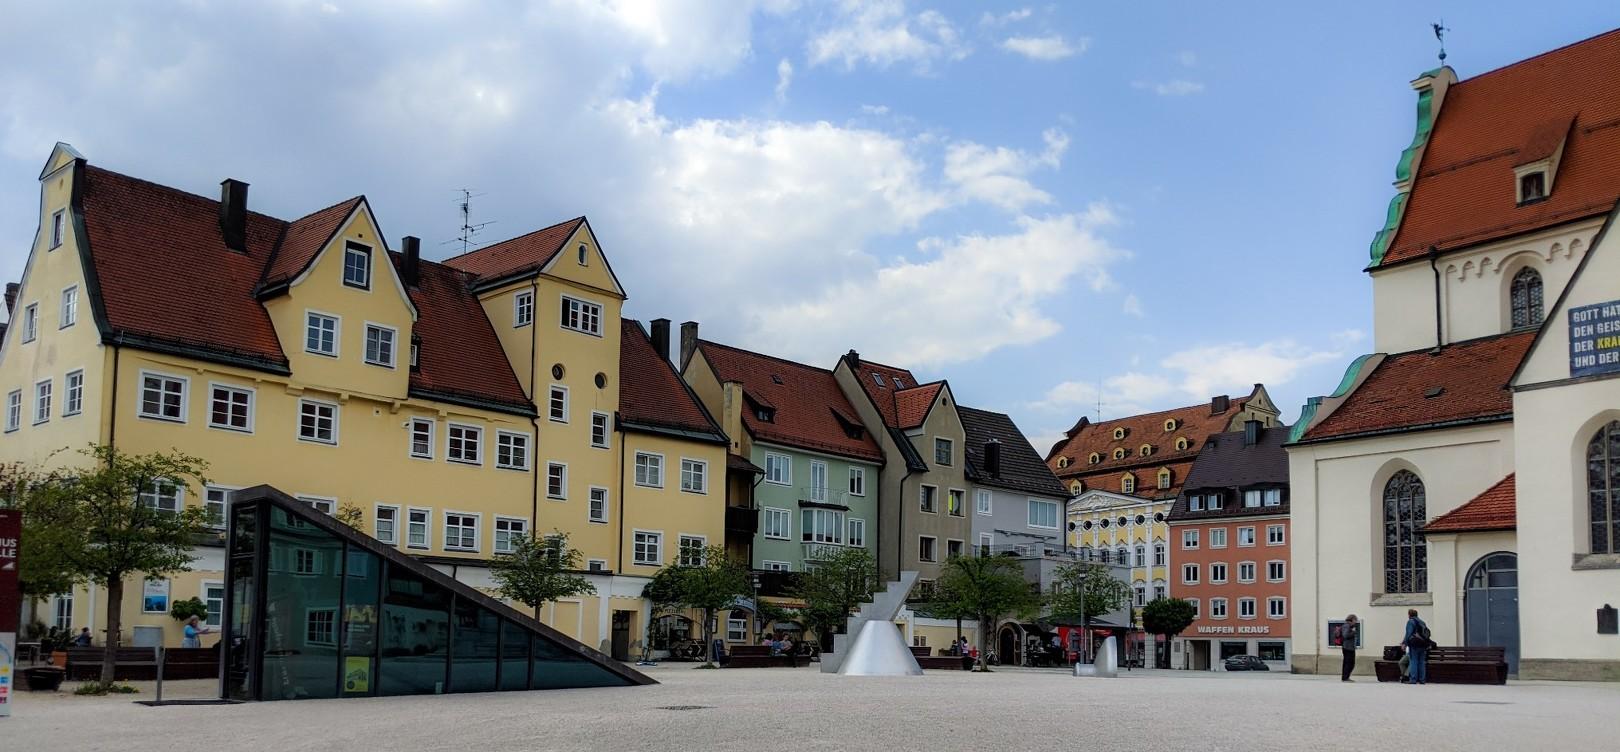 St.-Mang-Platz, Marc - Lieblingsplätze Kempten